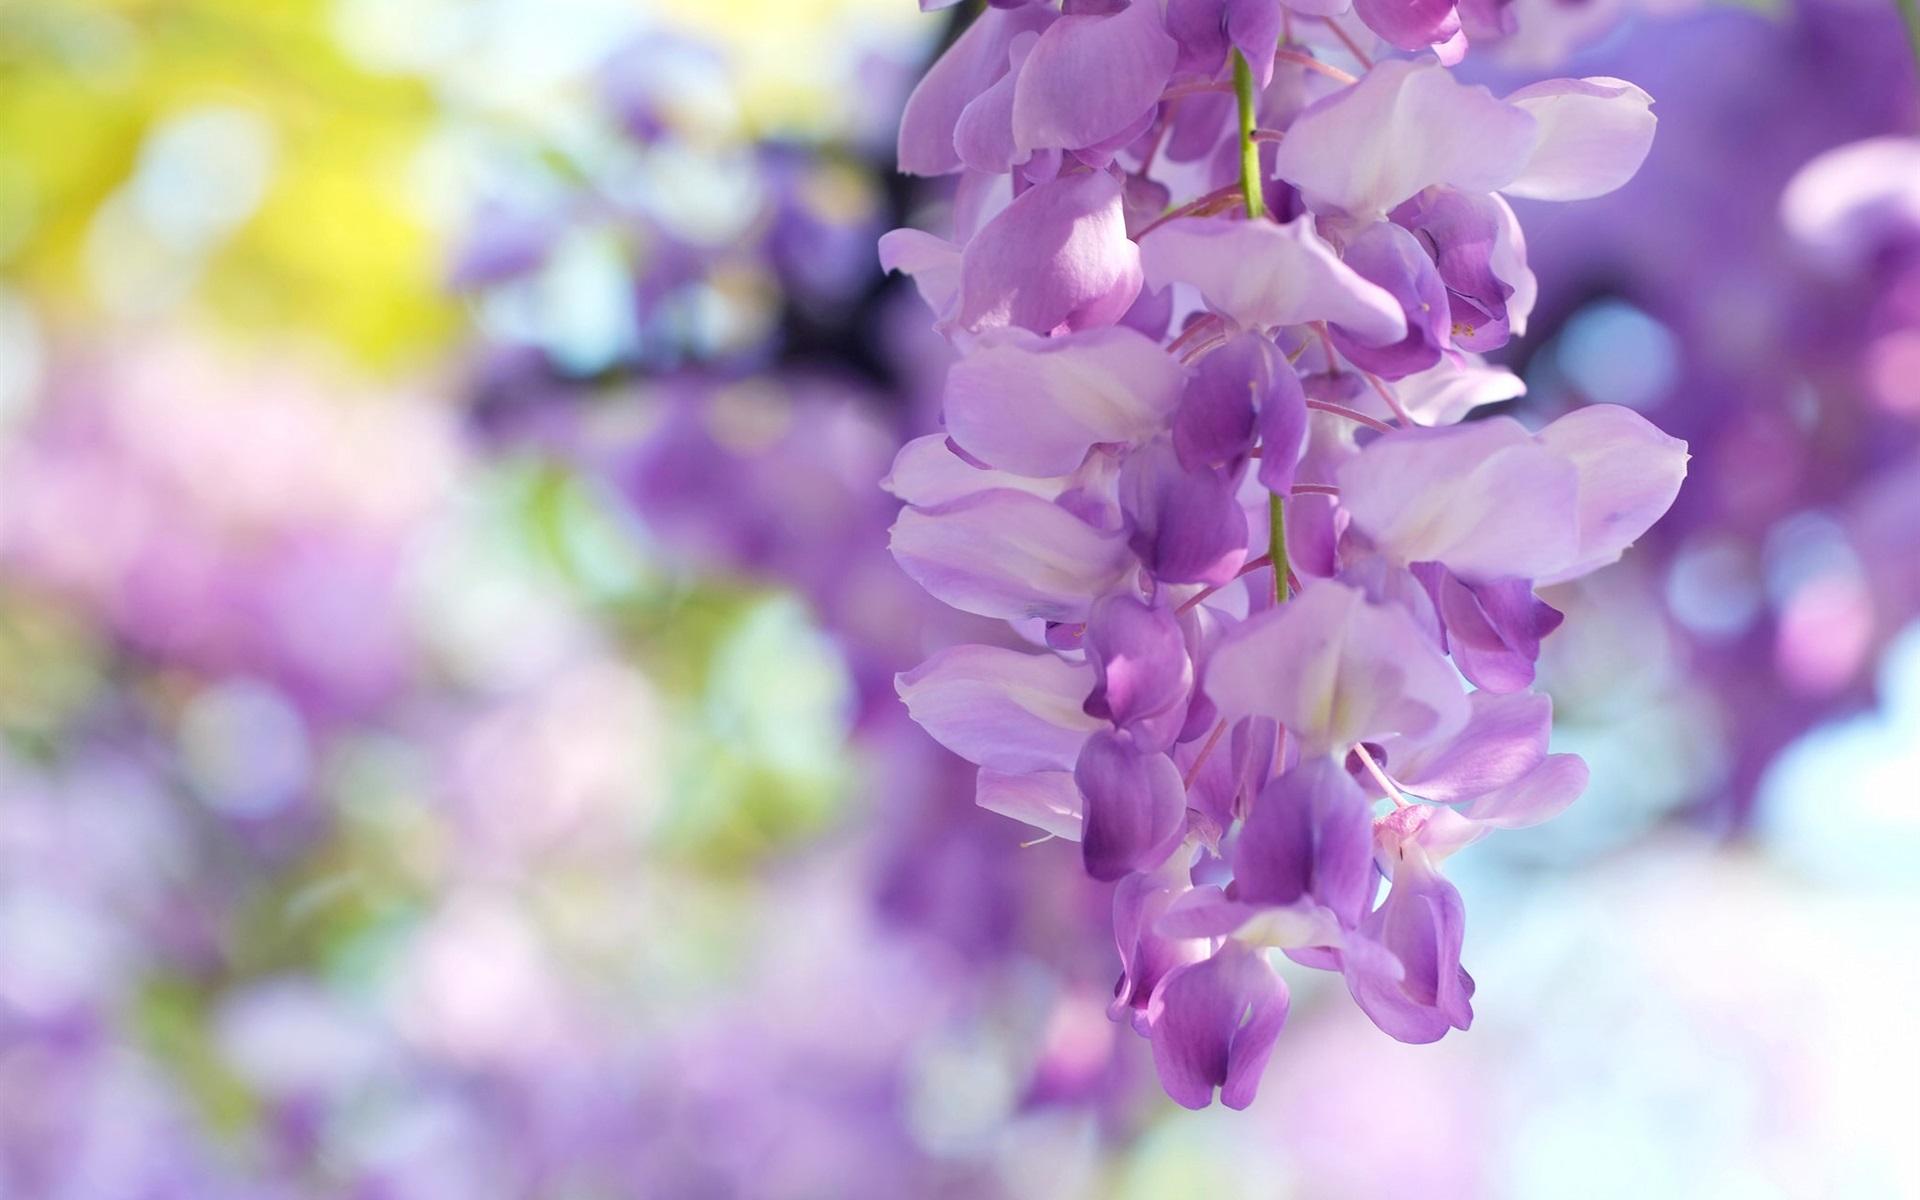 壁紙 藤の花 薄紫 1920x1200 Hd 無料のデスクトップの背景 画像